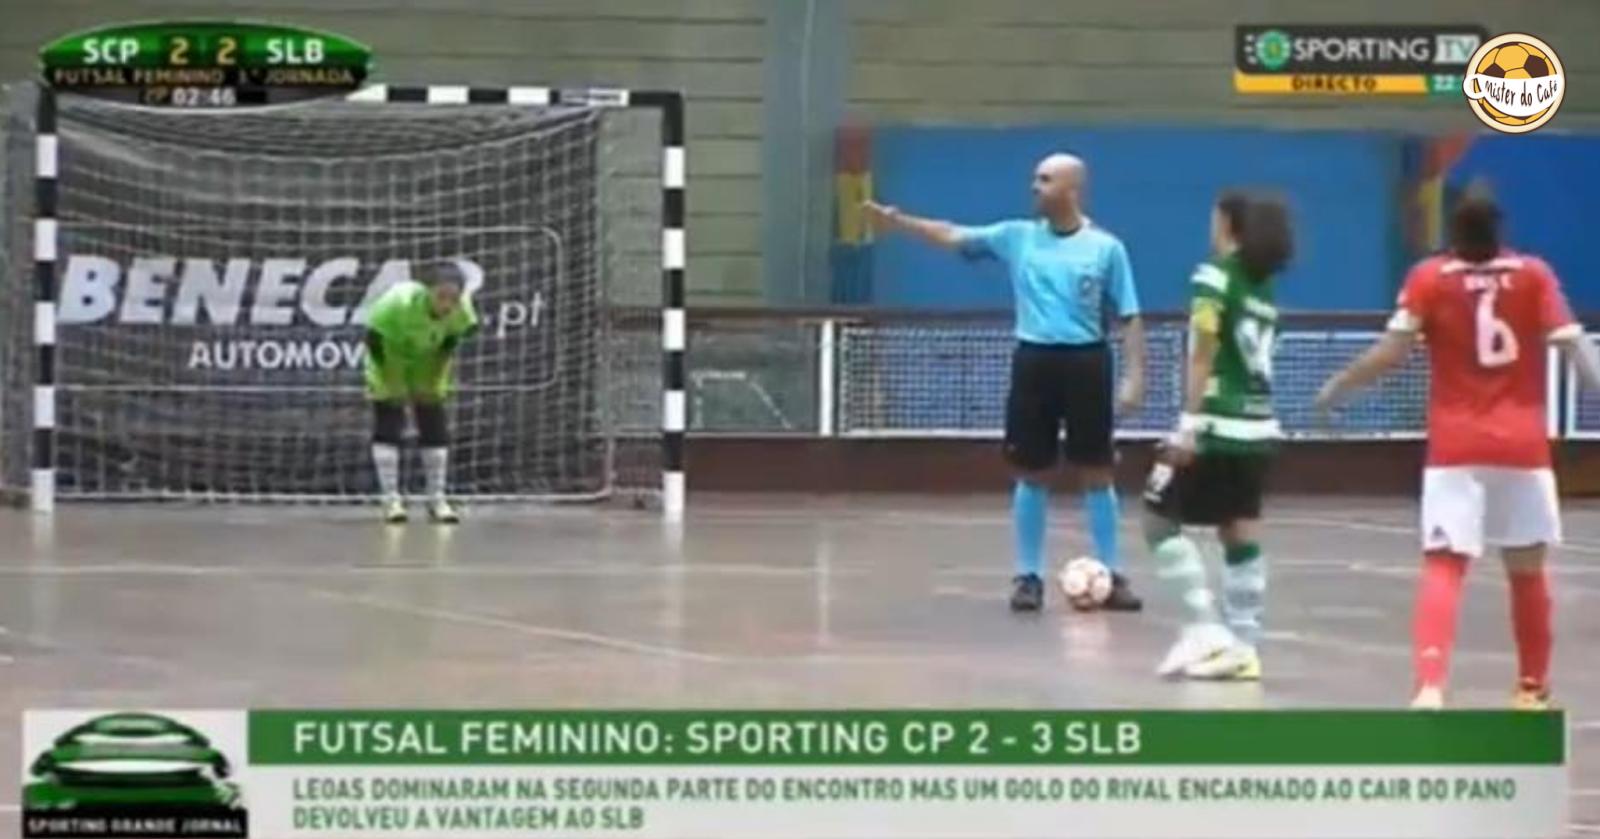 f5b71c1286 Em destaque estiveram quatro jogos  no Futsal Masculino e Feminino